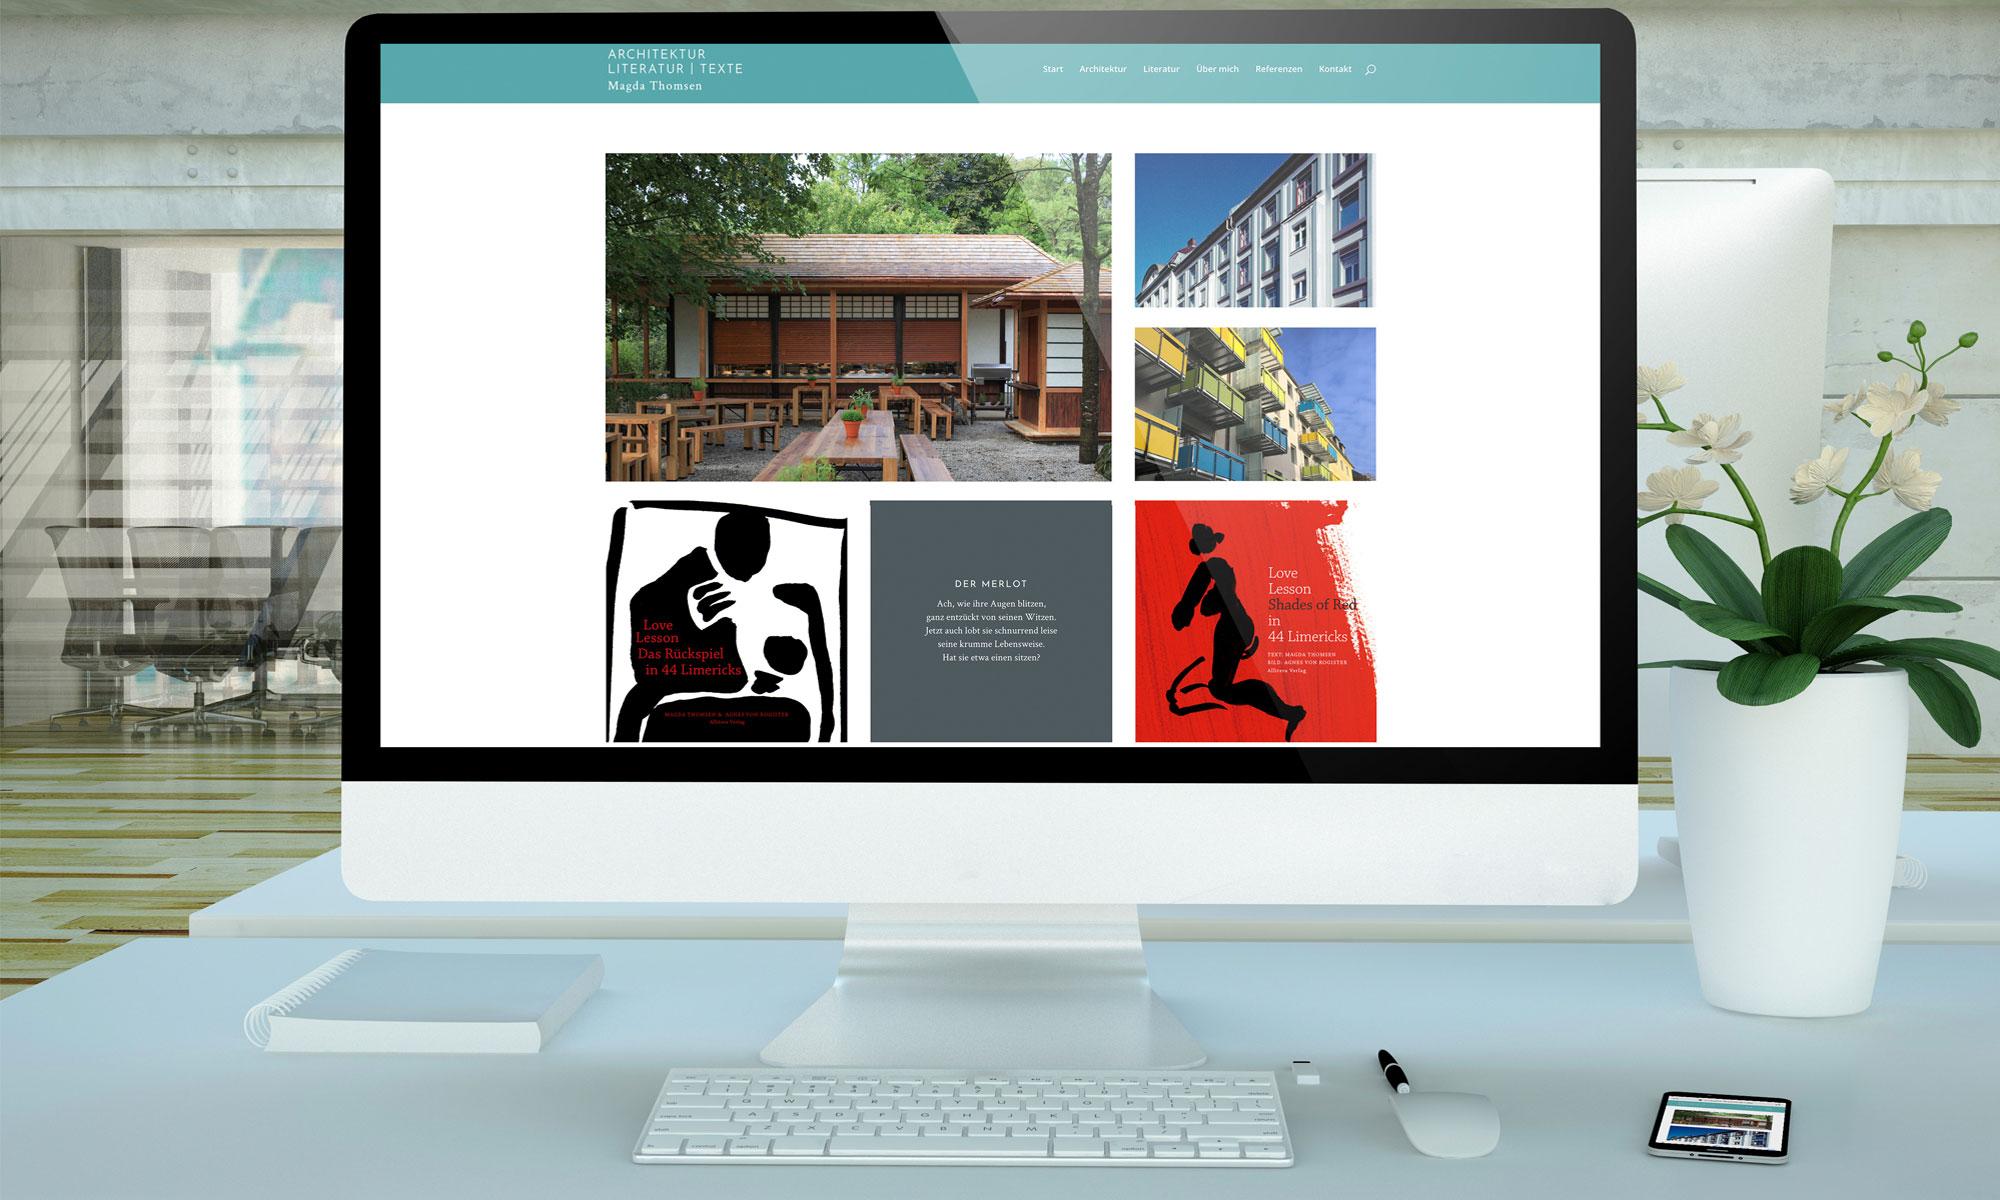 Büro mit PC und Laptop mit neuer Heller-Website